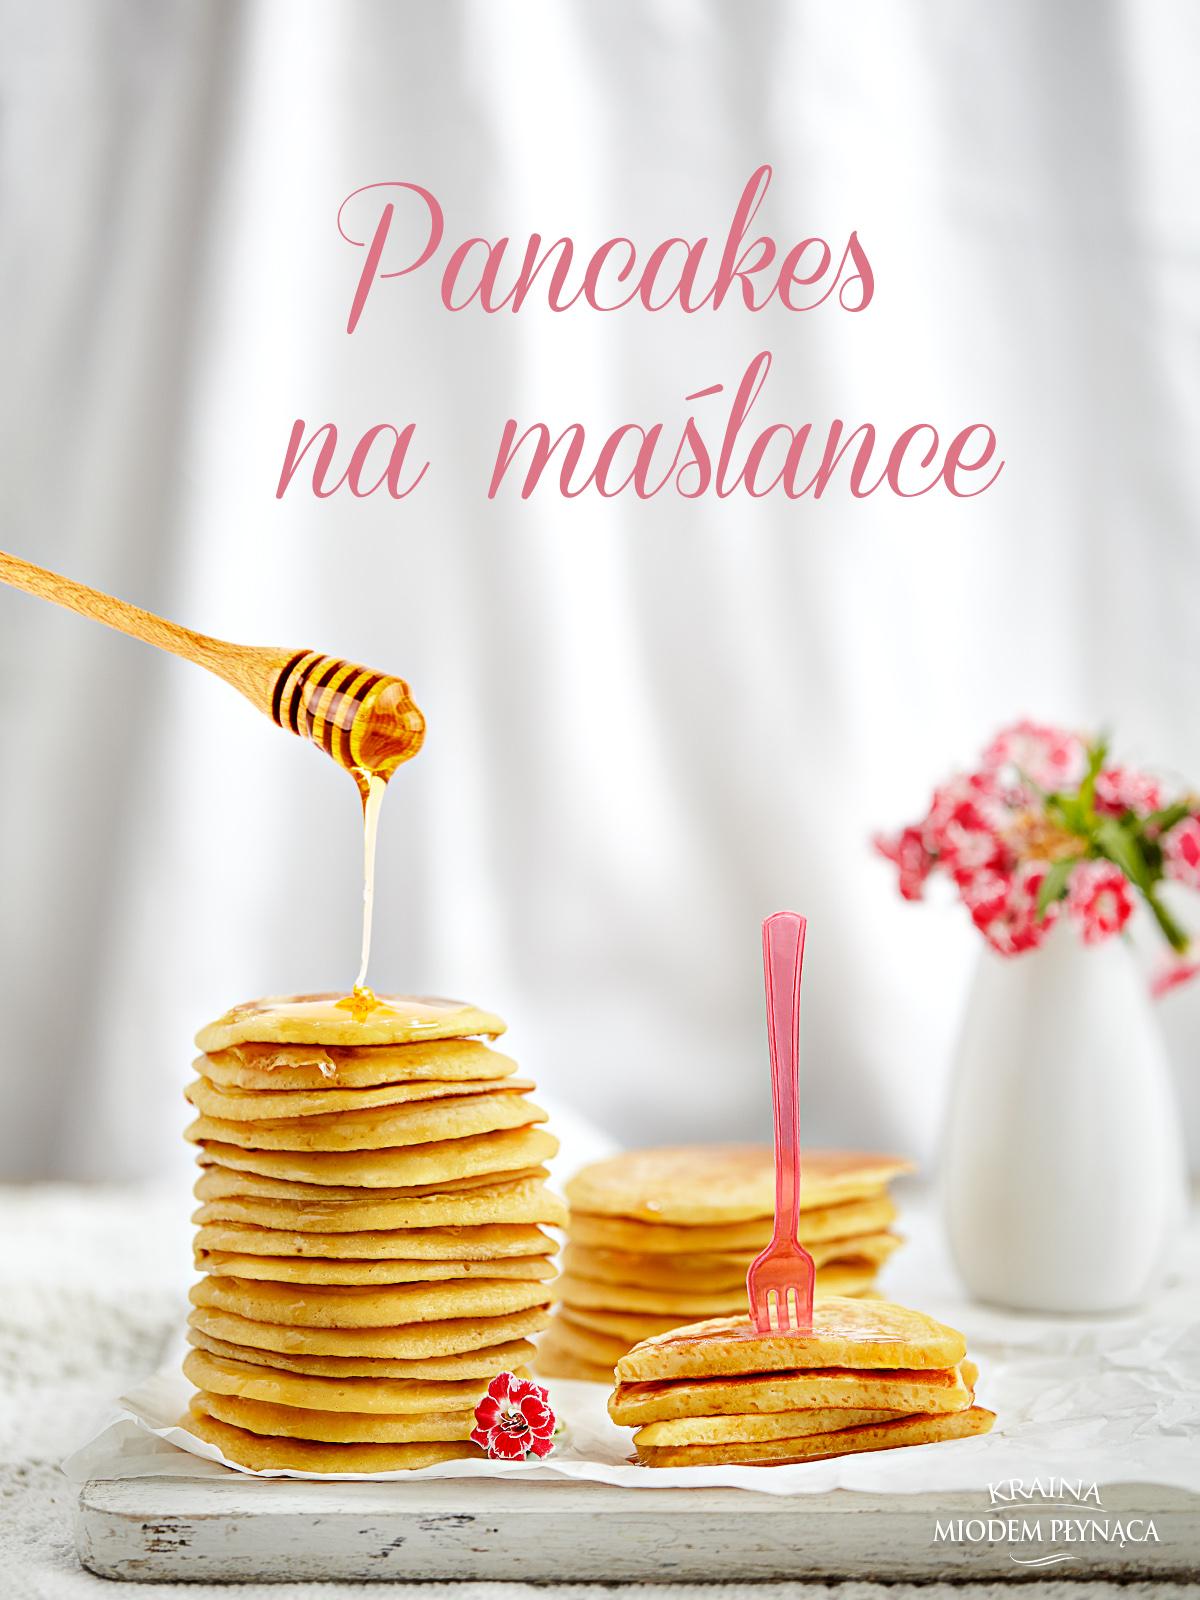 pancakes na maślance, pancakes maślankowe, placki na maślance, placki z maślanki, klasyczne pancakes, amerykańskie pancakes, placki dla dzieci, deser, kraina miodem płynąca